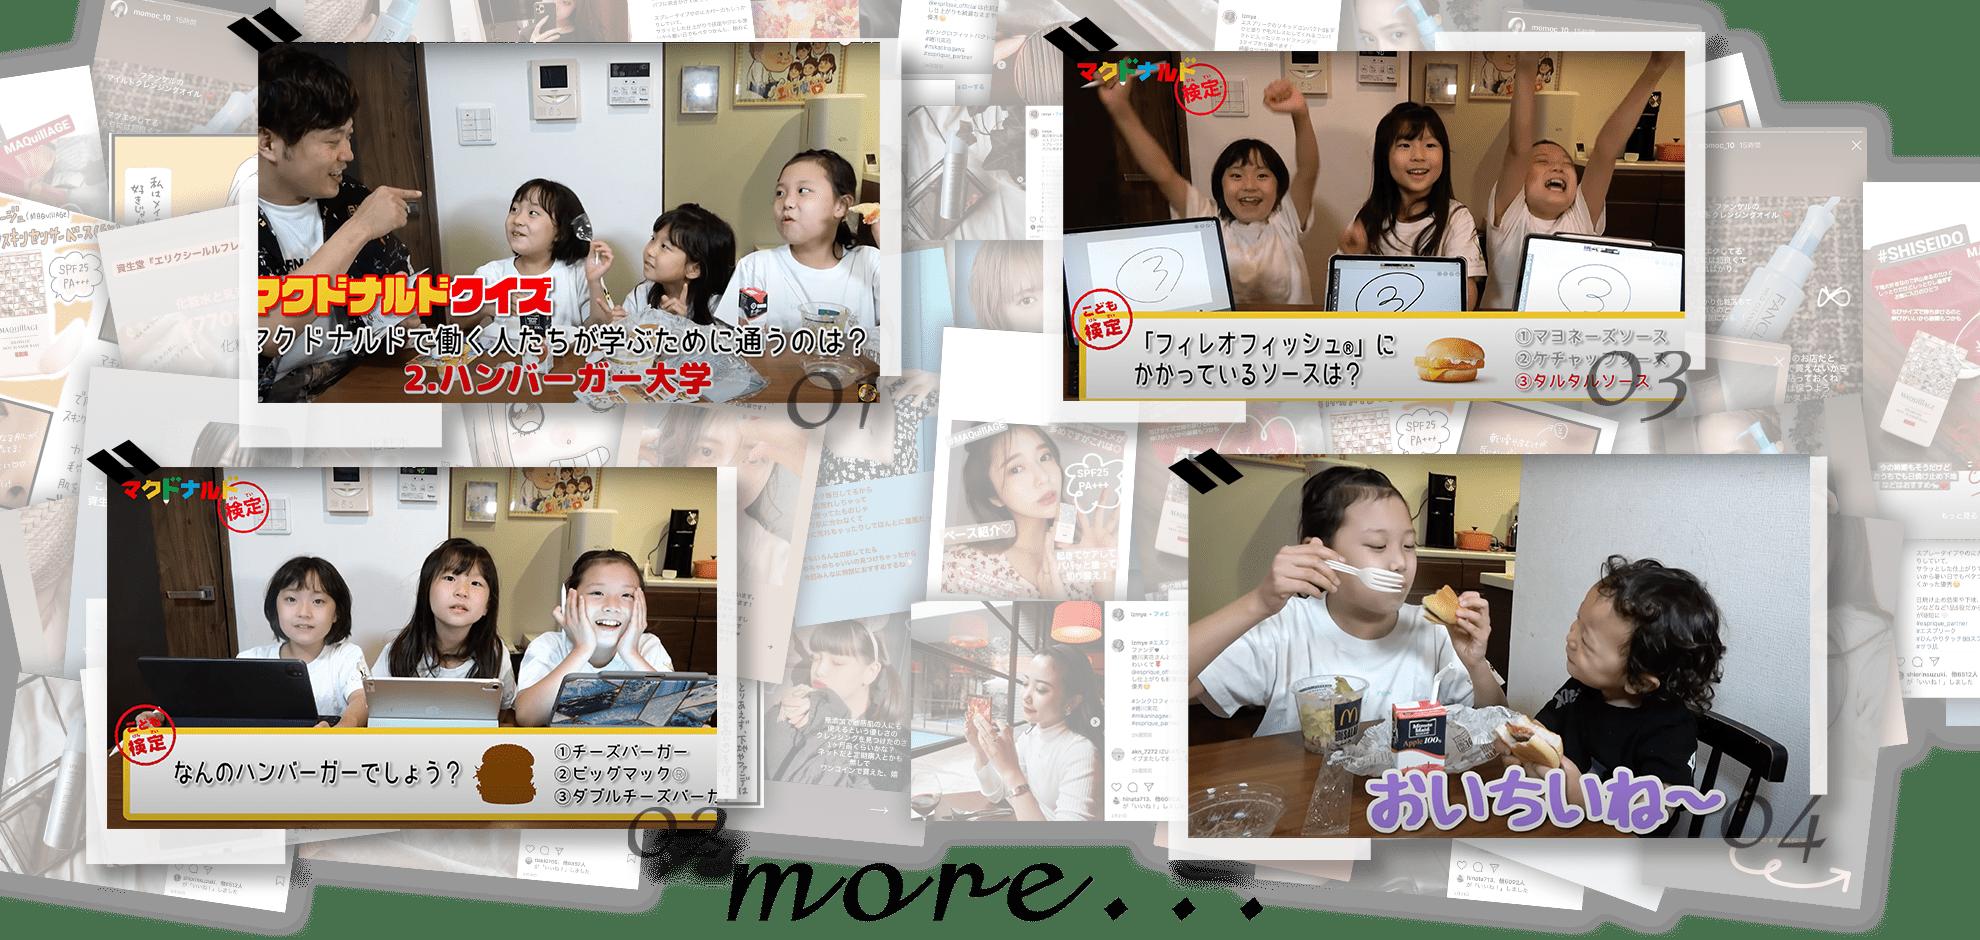 【McDonald's】✖︎【YOUTUBER's】